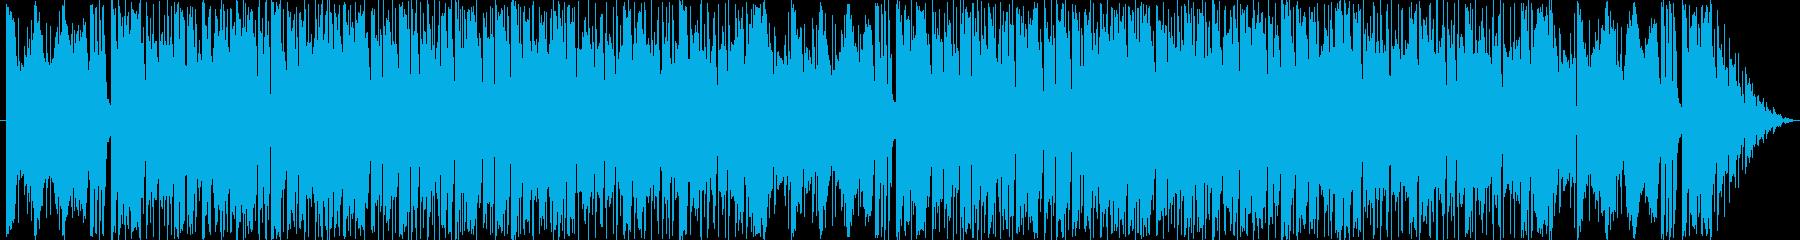 タイトルの通りフュージョン系の曲です。…の再生済みの波形